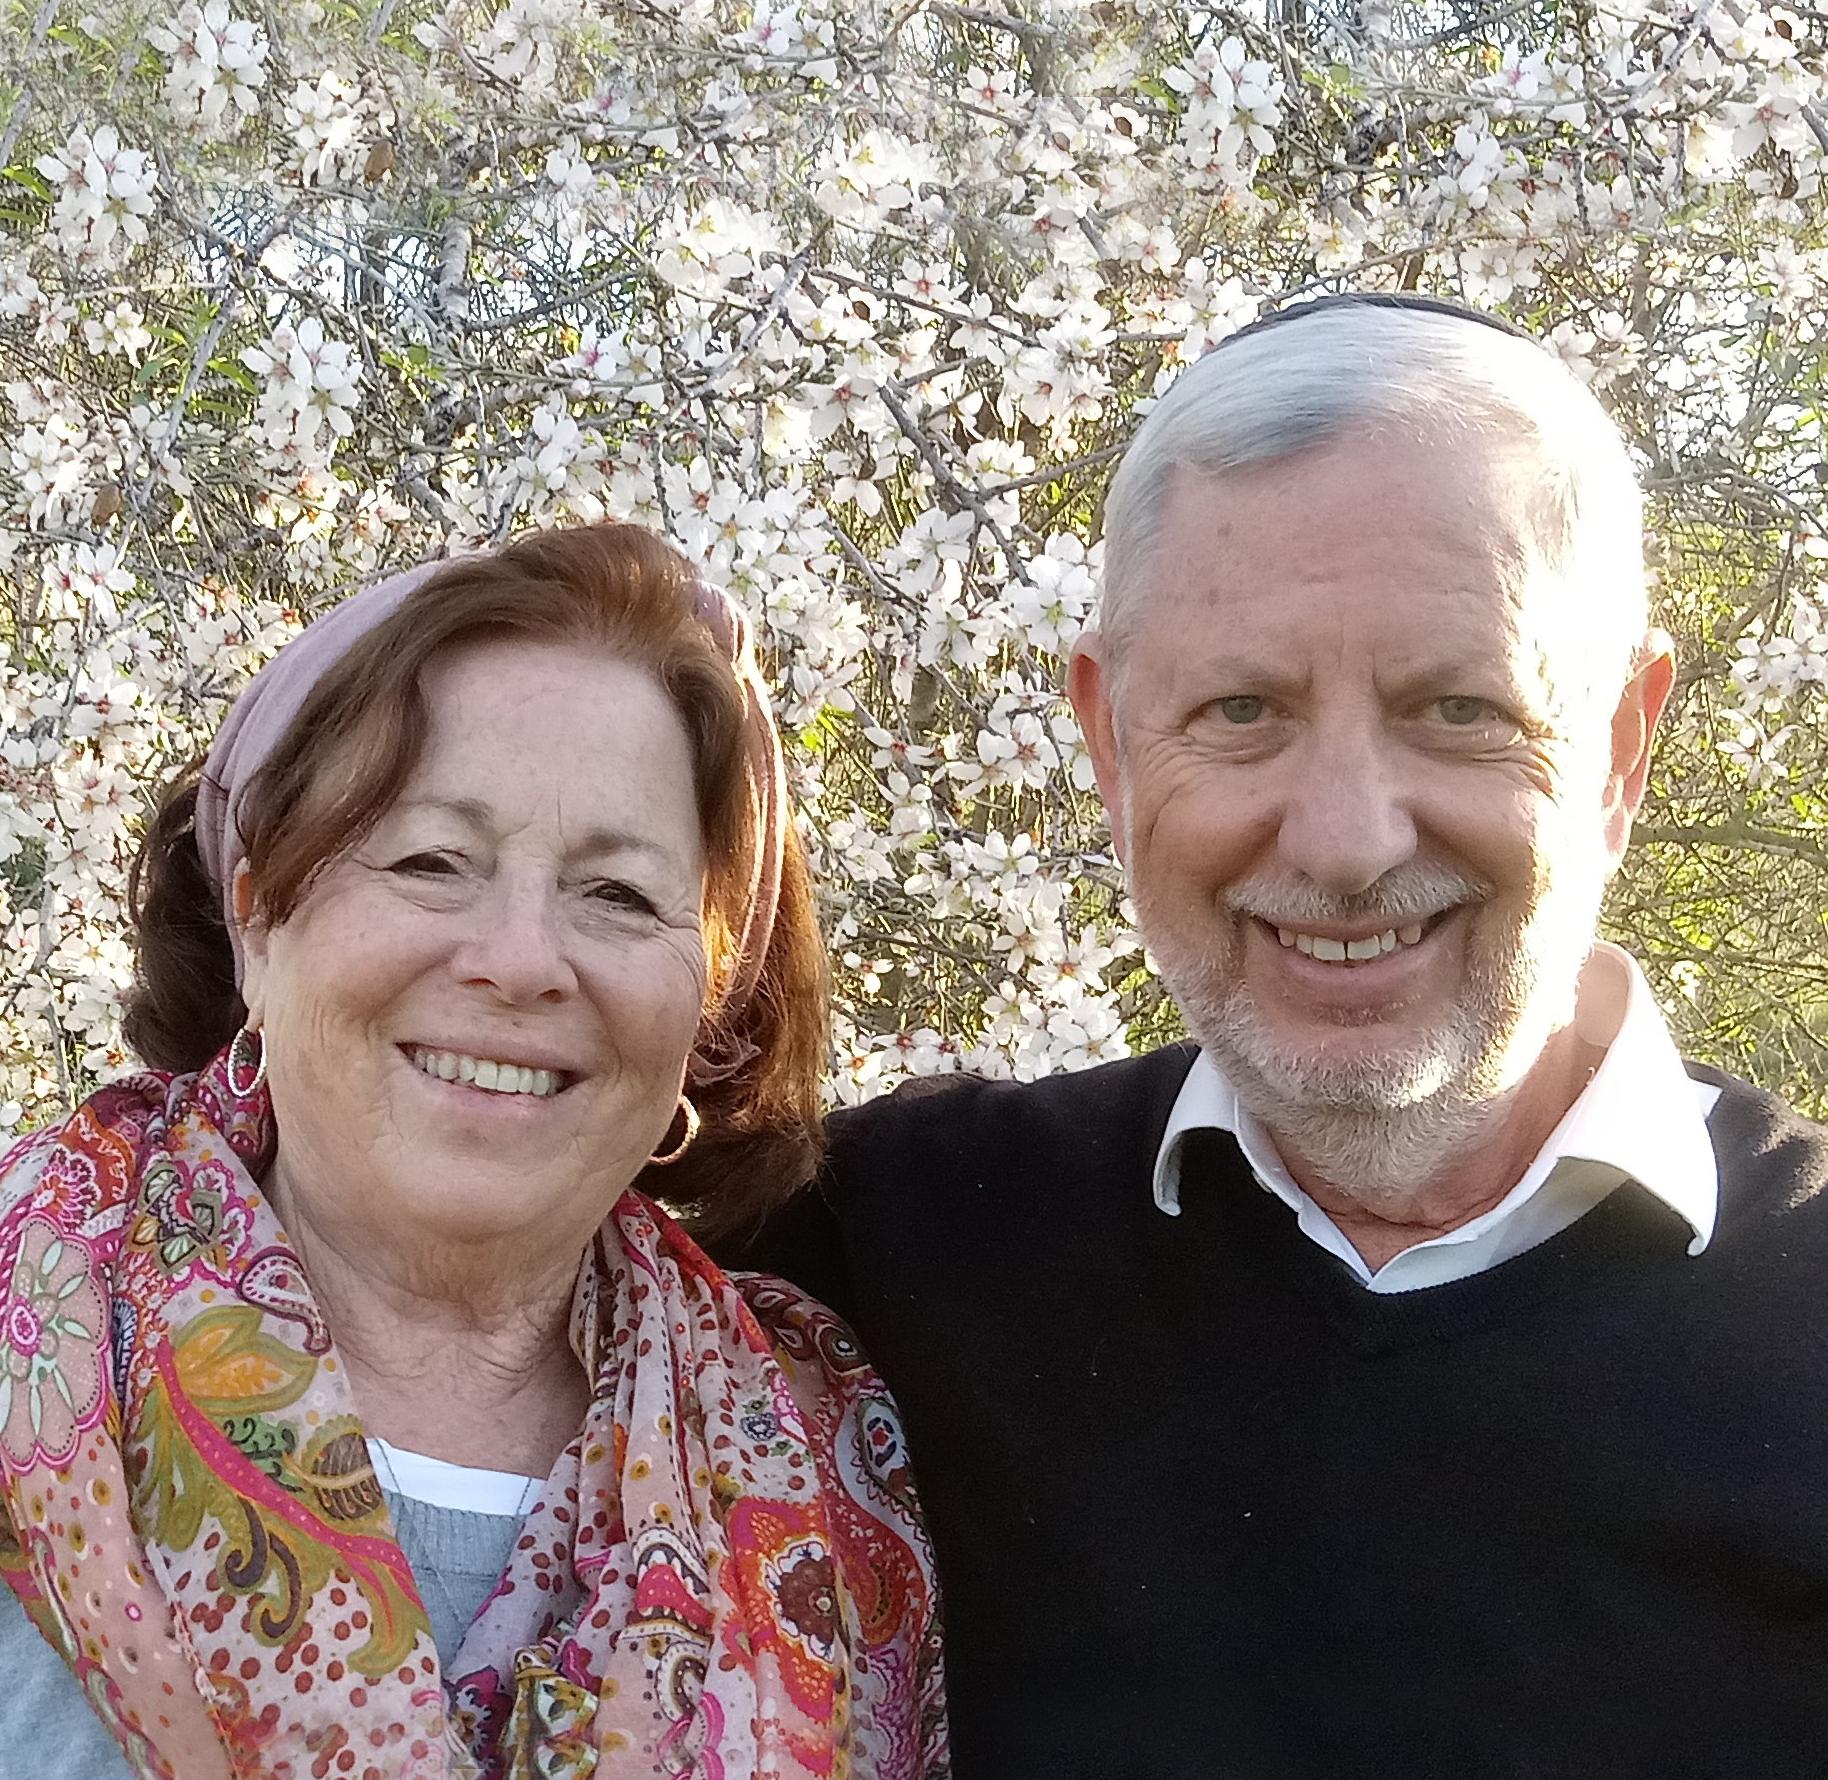 Elyse and Rabbi Reuven Kruger